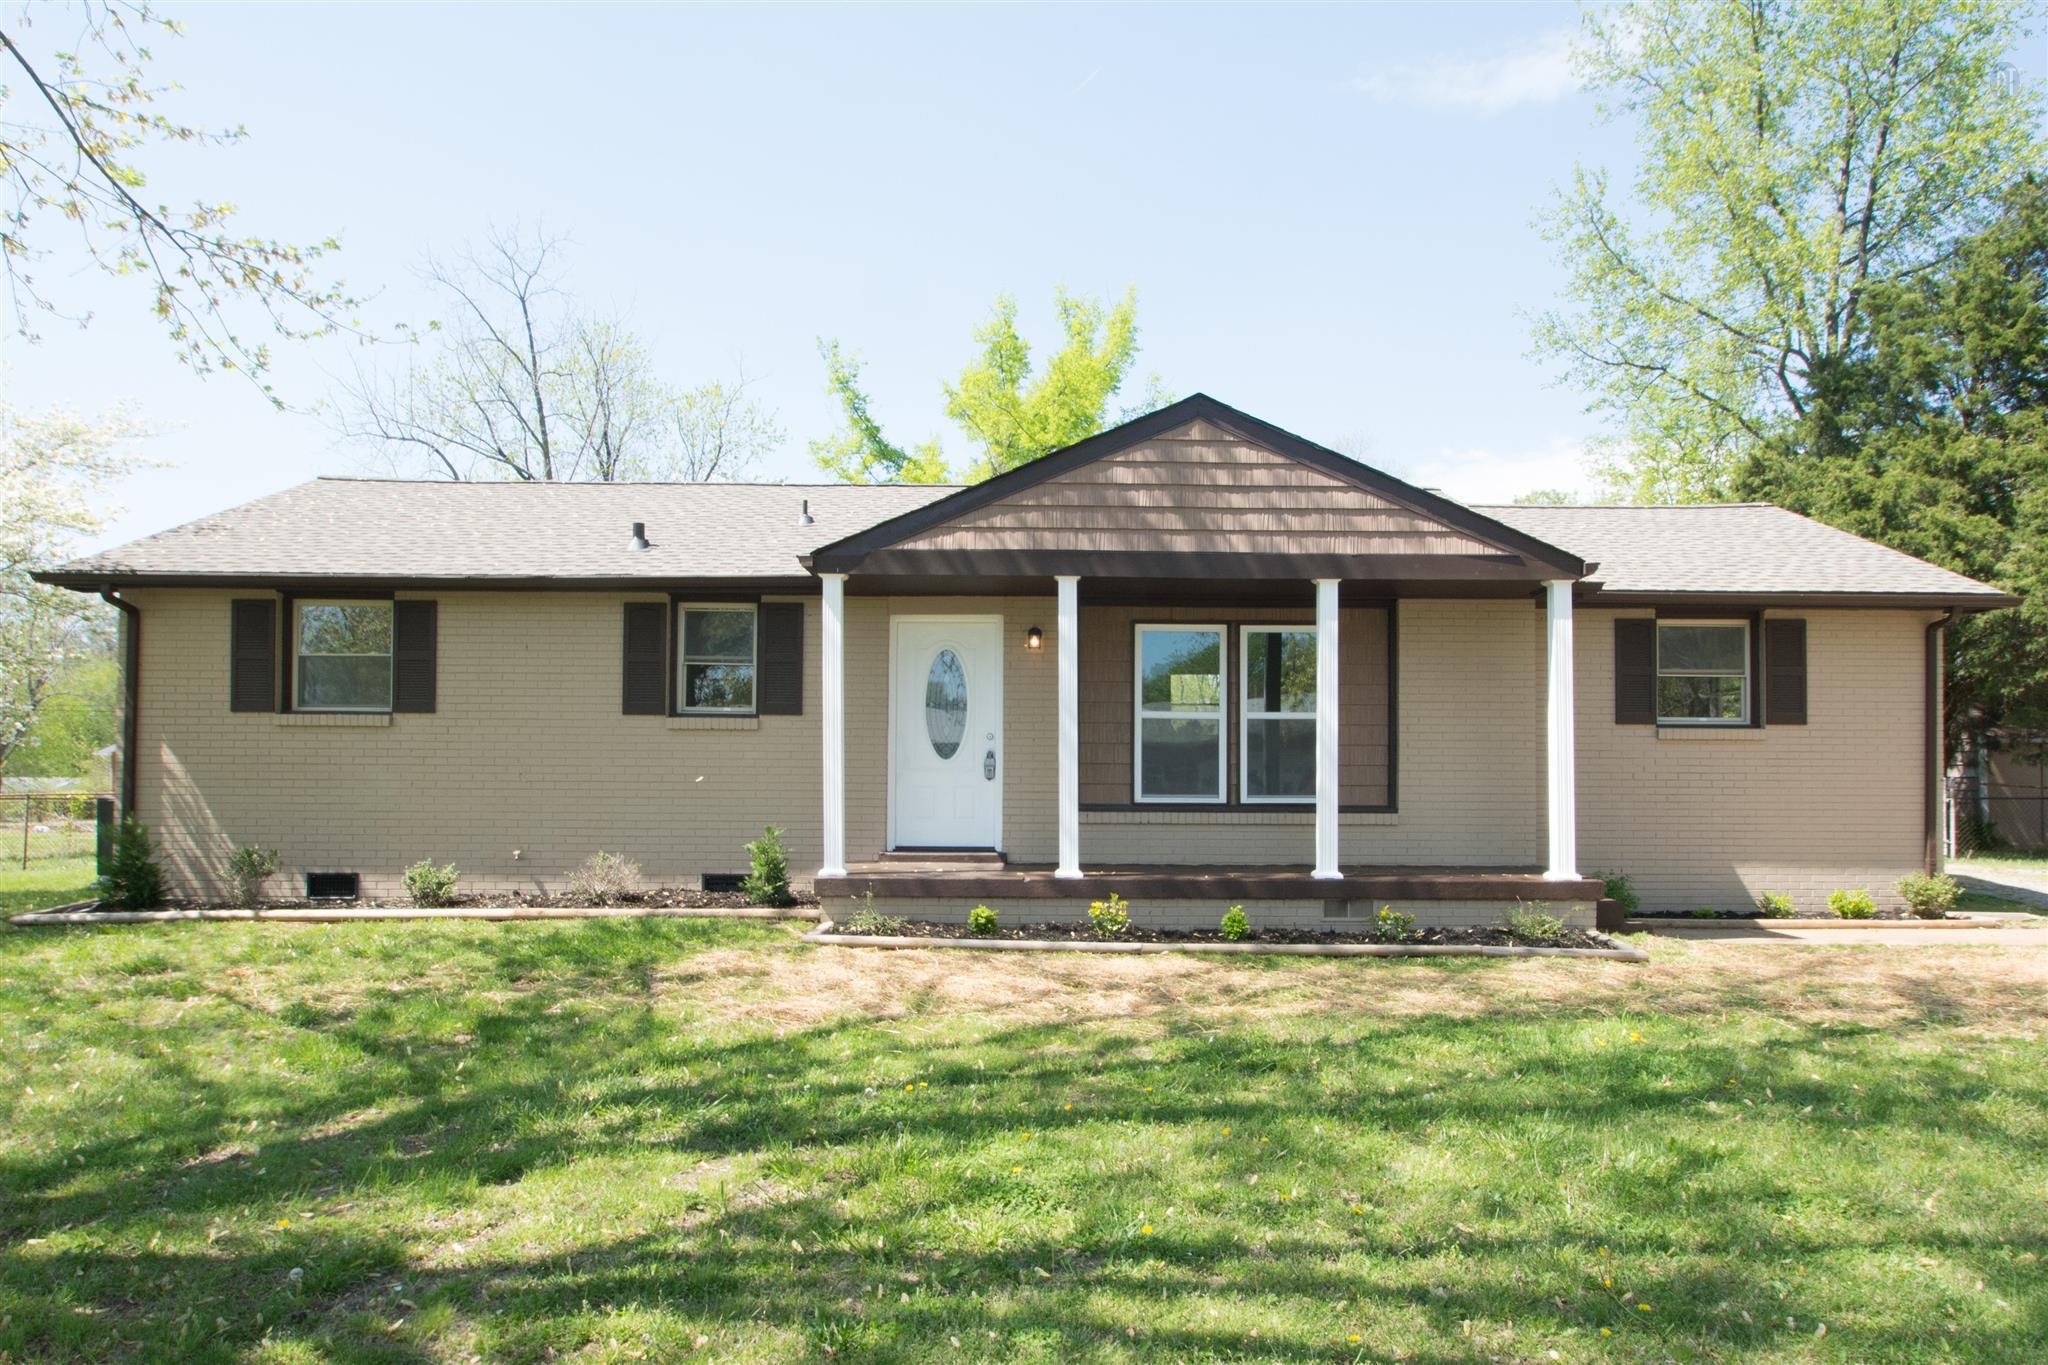 11 Avalon St, Clarksville, TN 37042